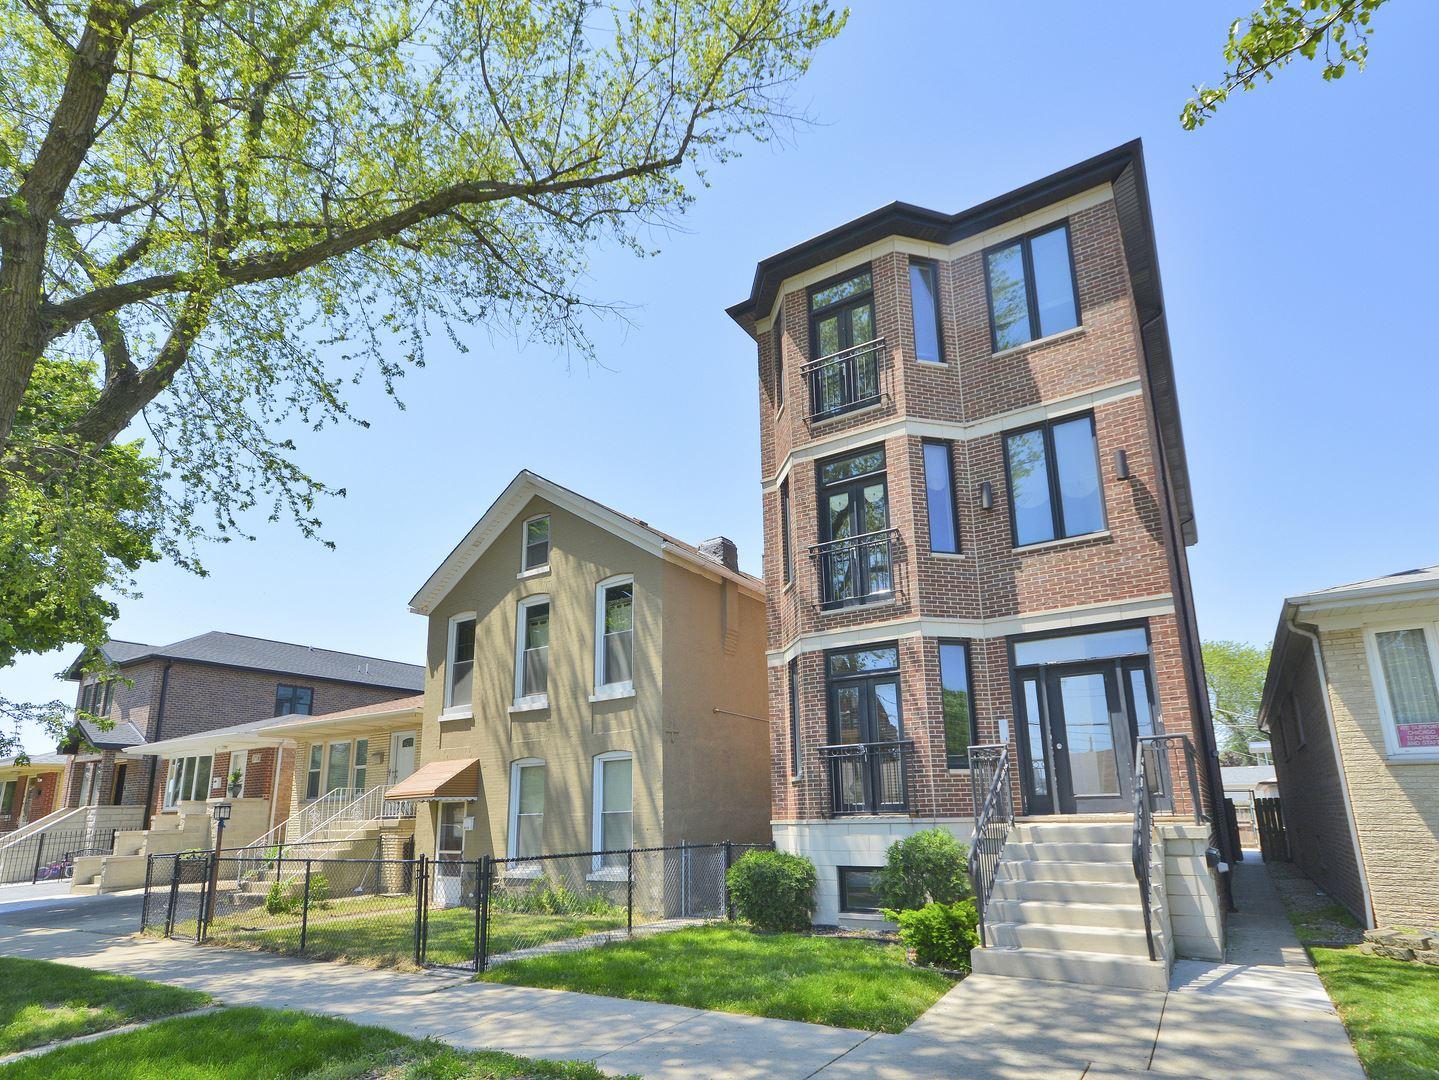 3710 S Normal Avenue #1, Chicago, IL 60609 - #: 10743392